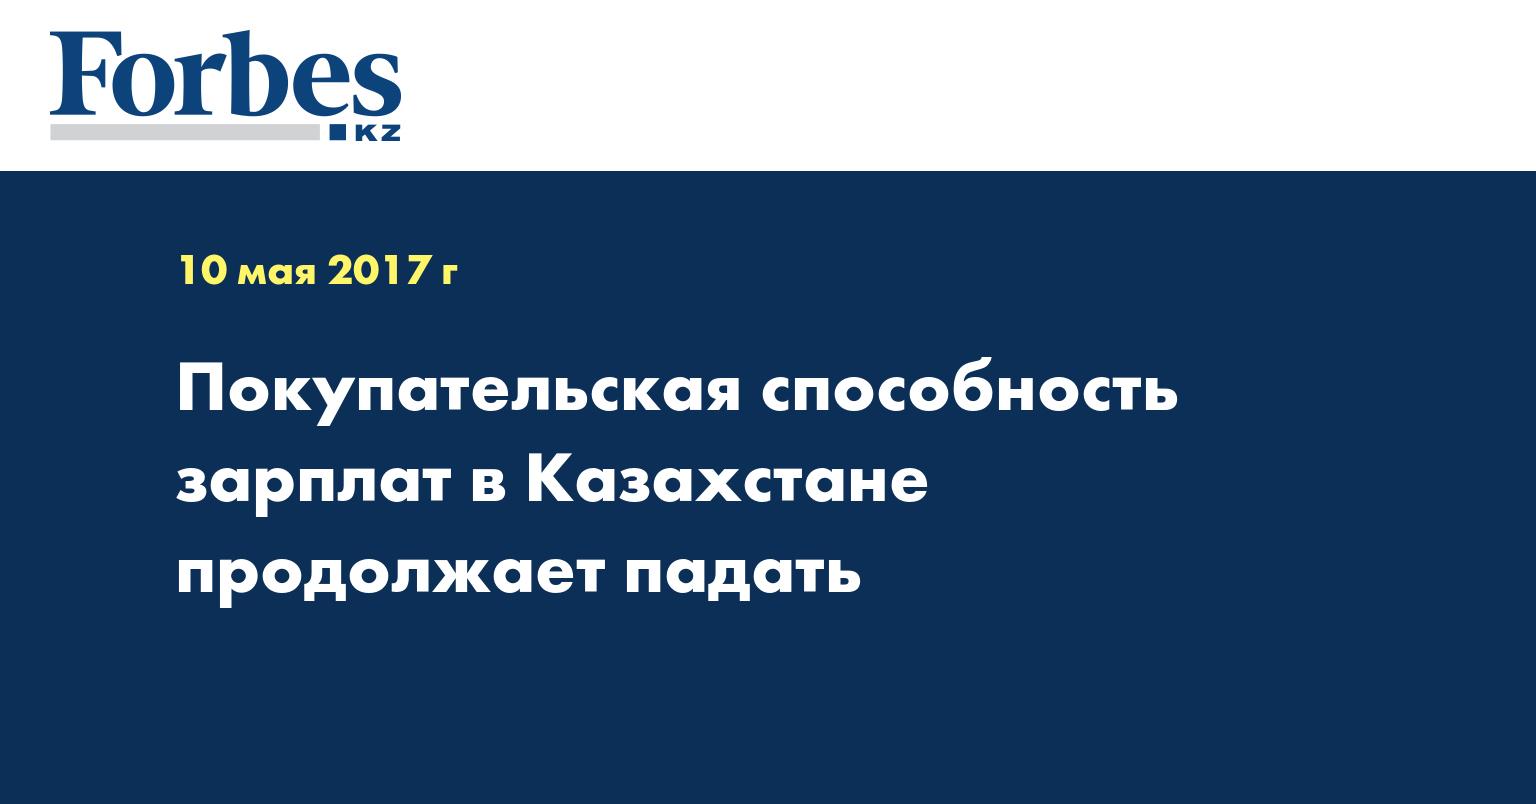 Покупательская способность зарплат в Казахстане продолжает падать